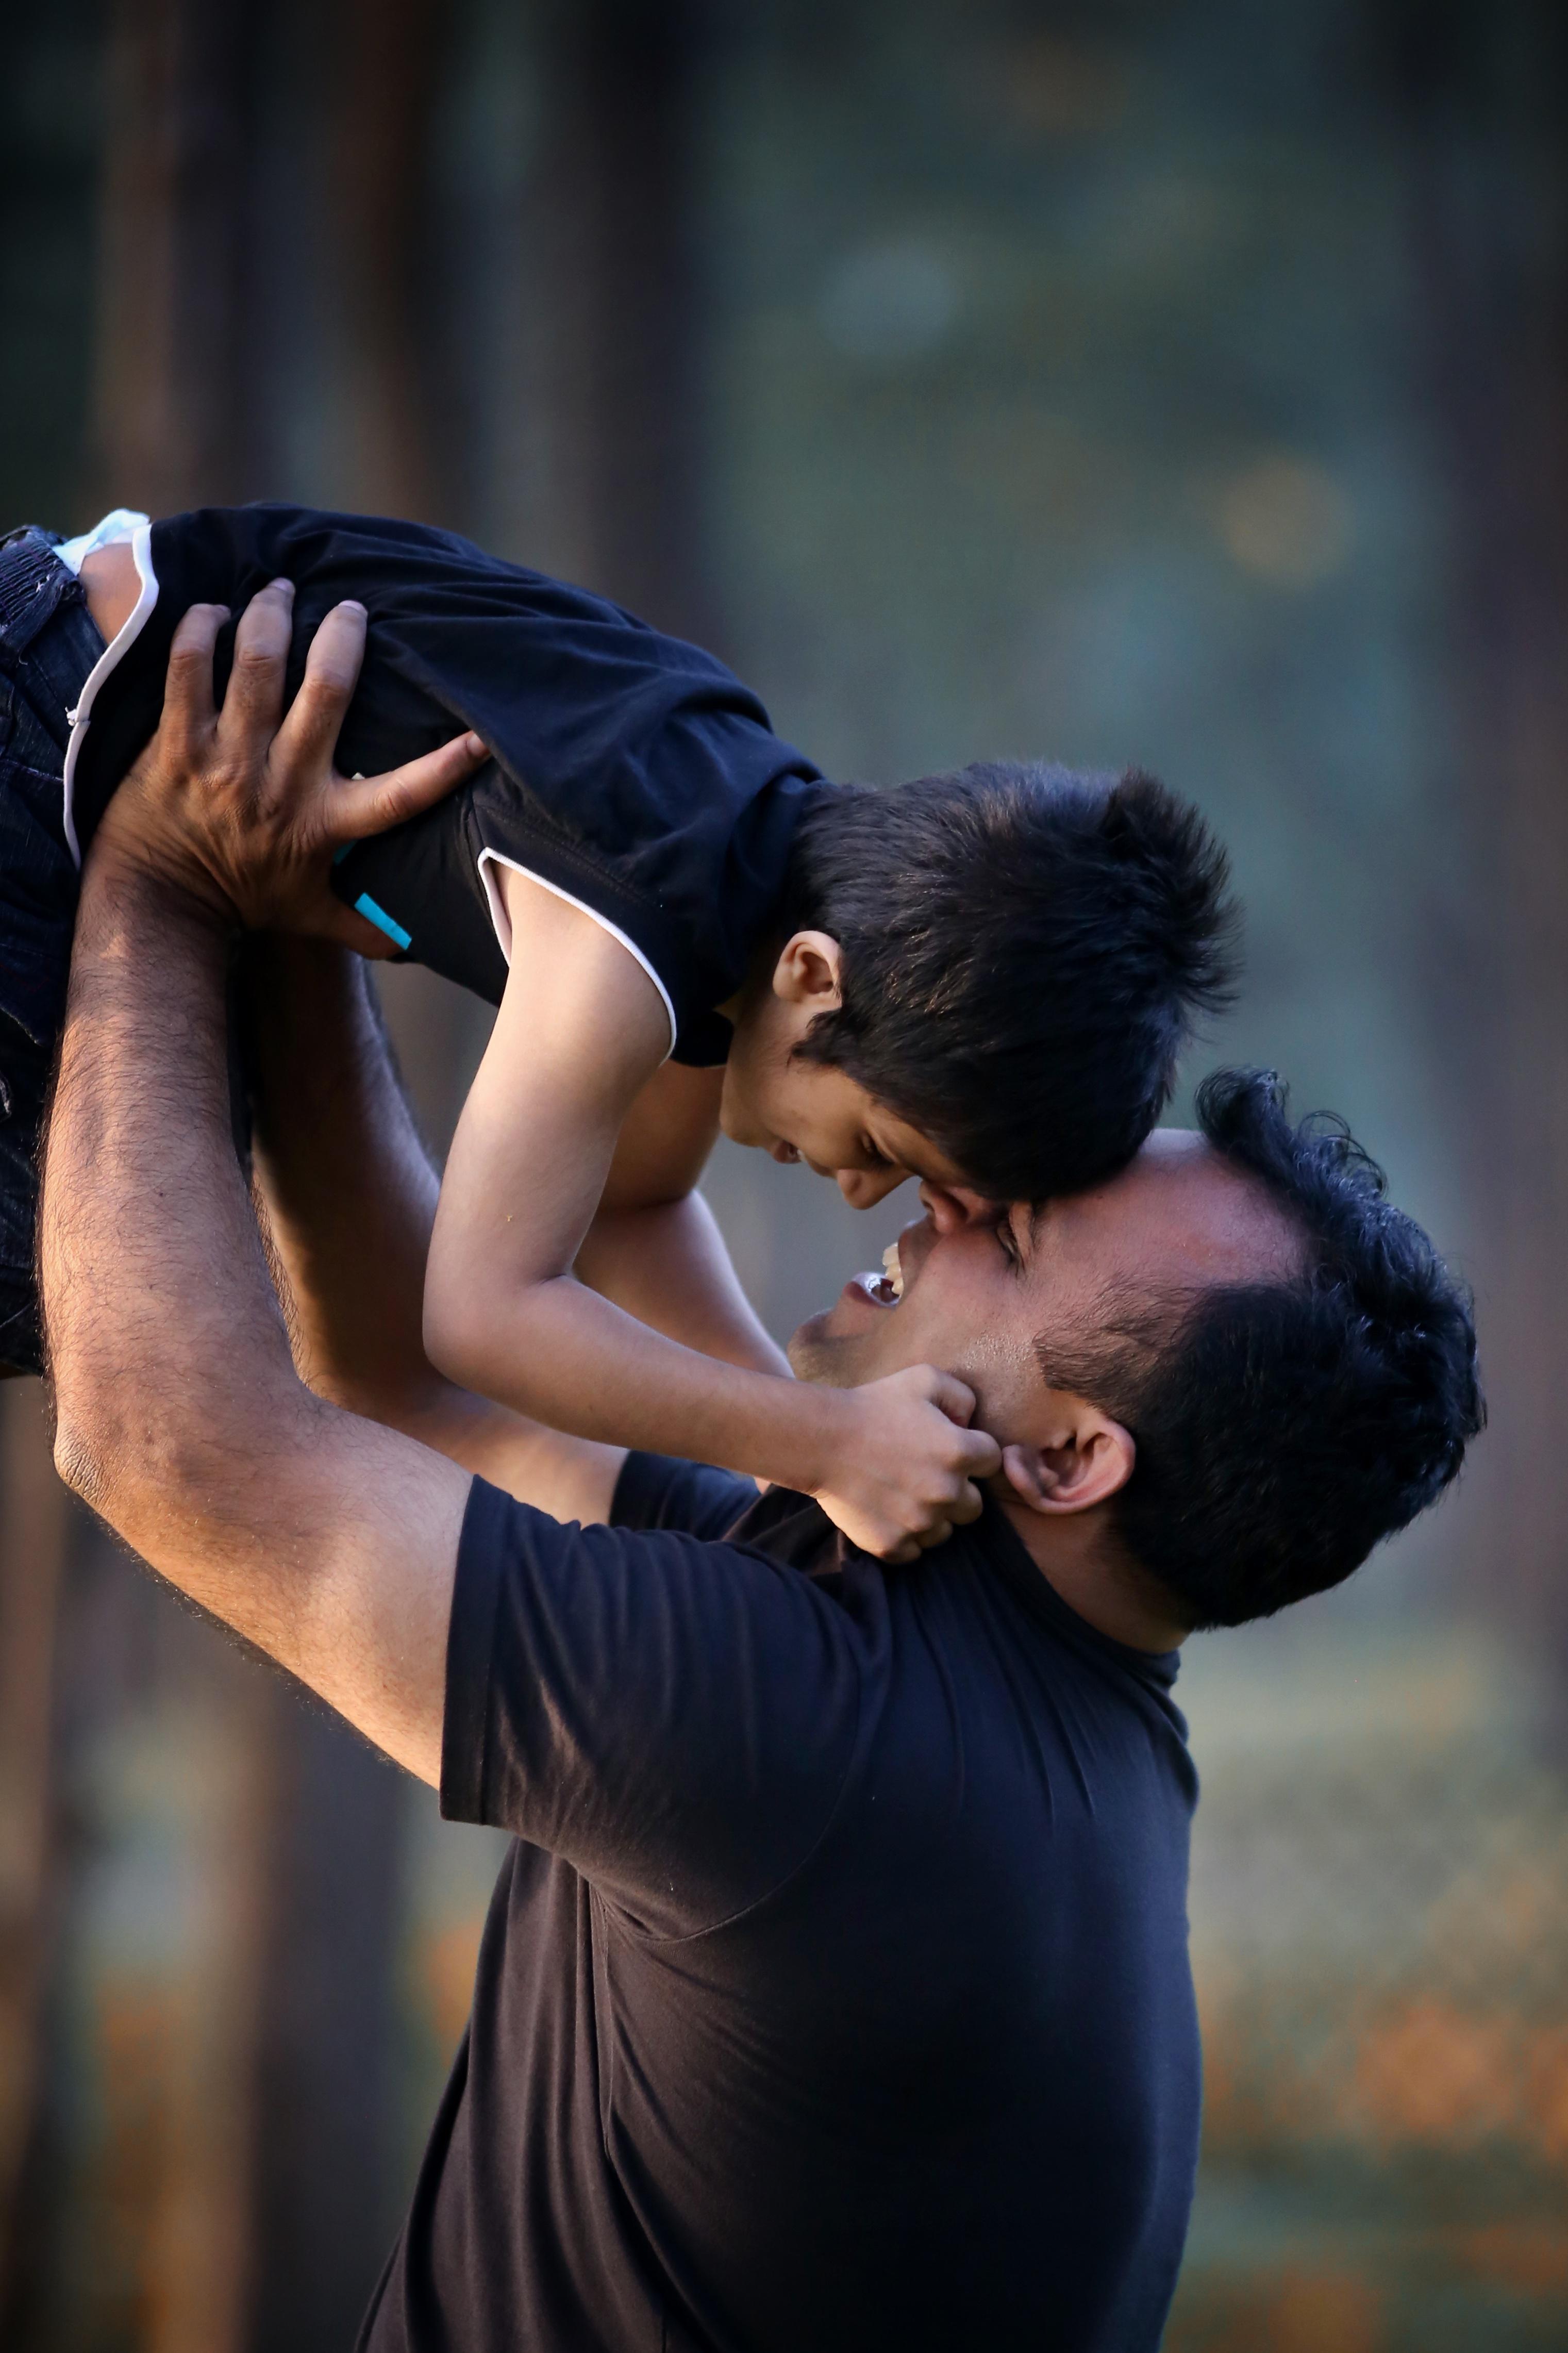 babalar için güzel sözler